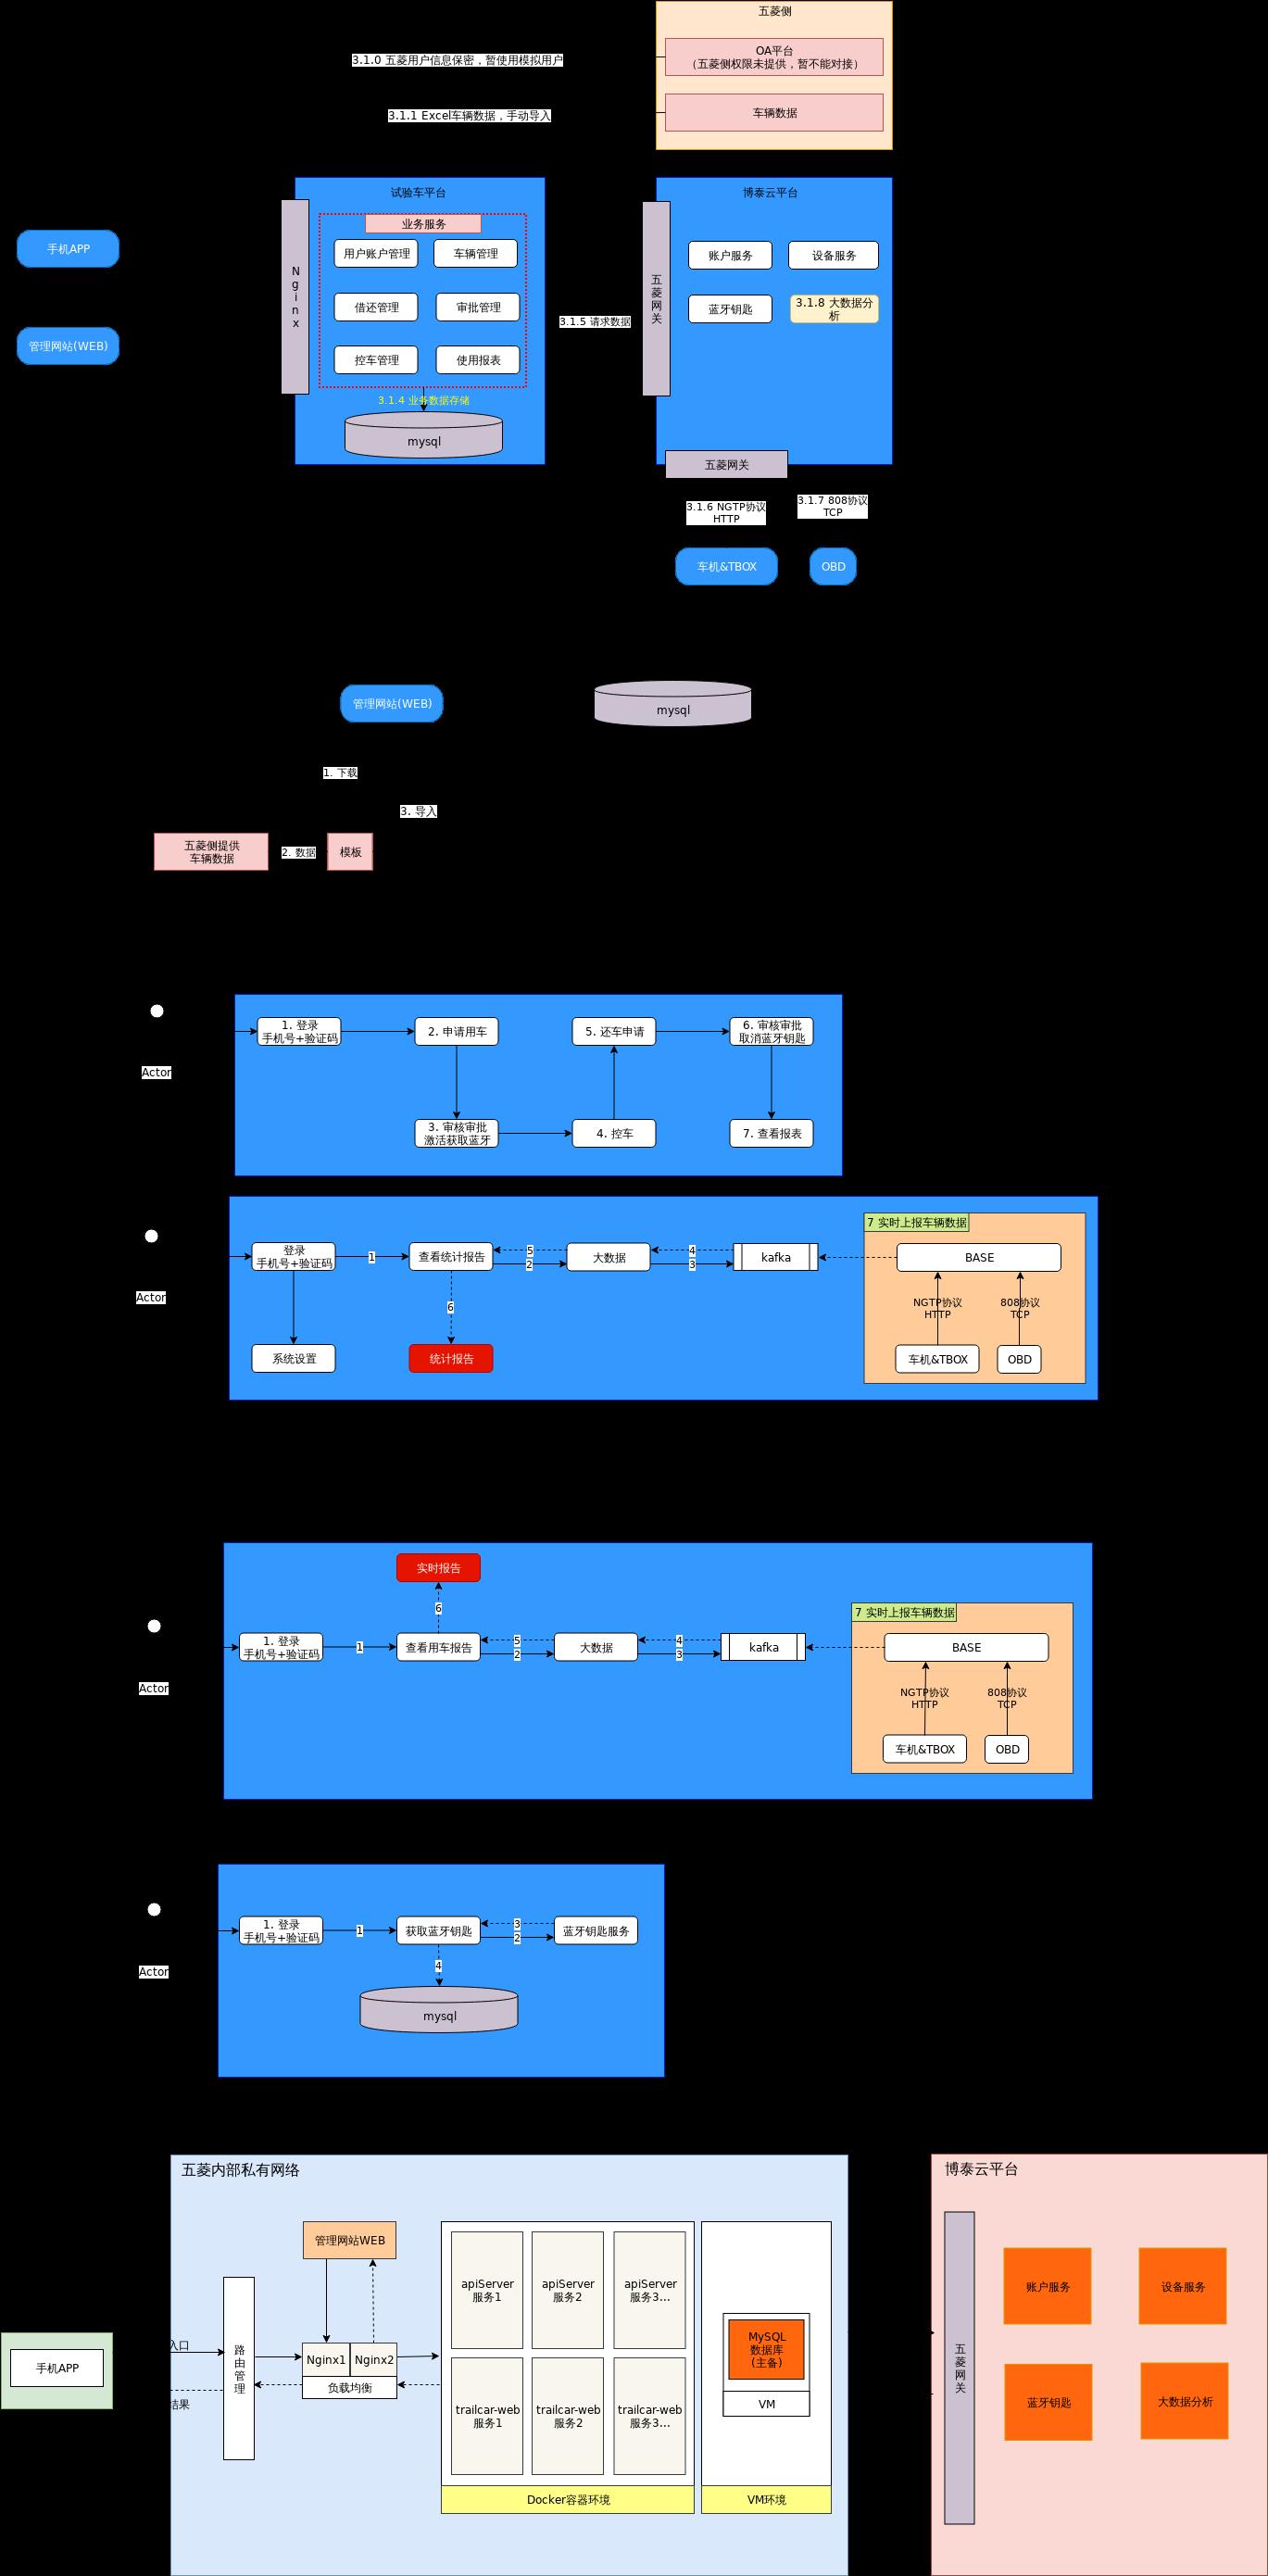 五菱试验车系统架构图